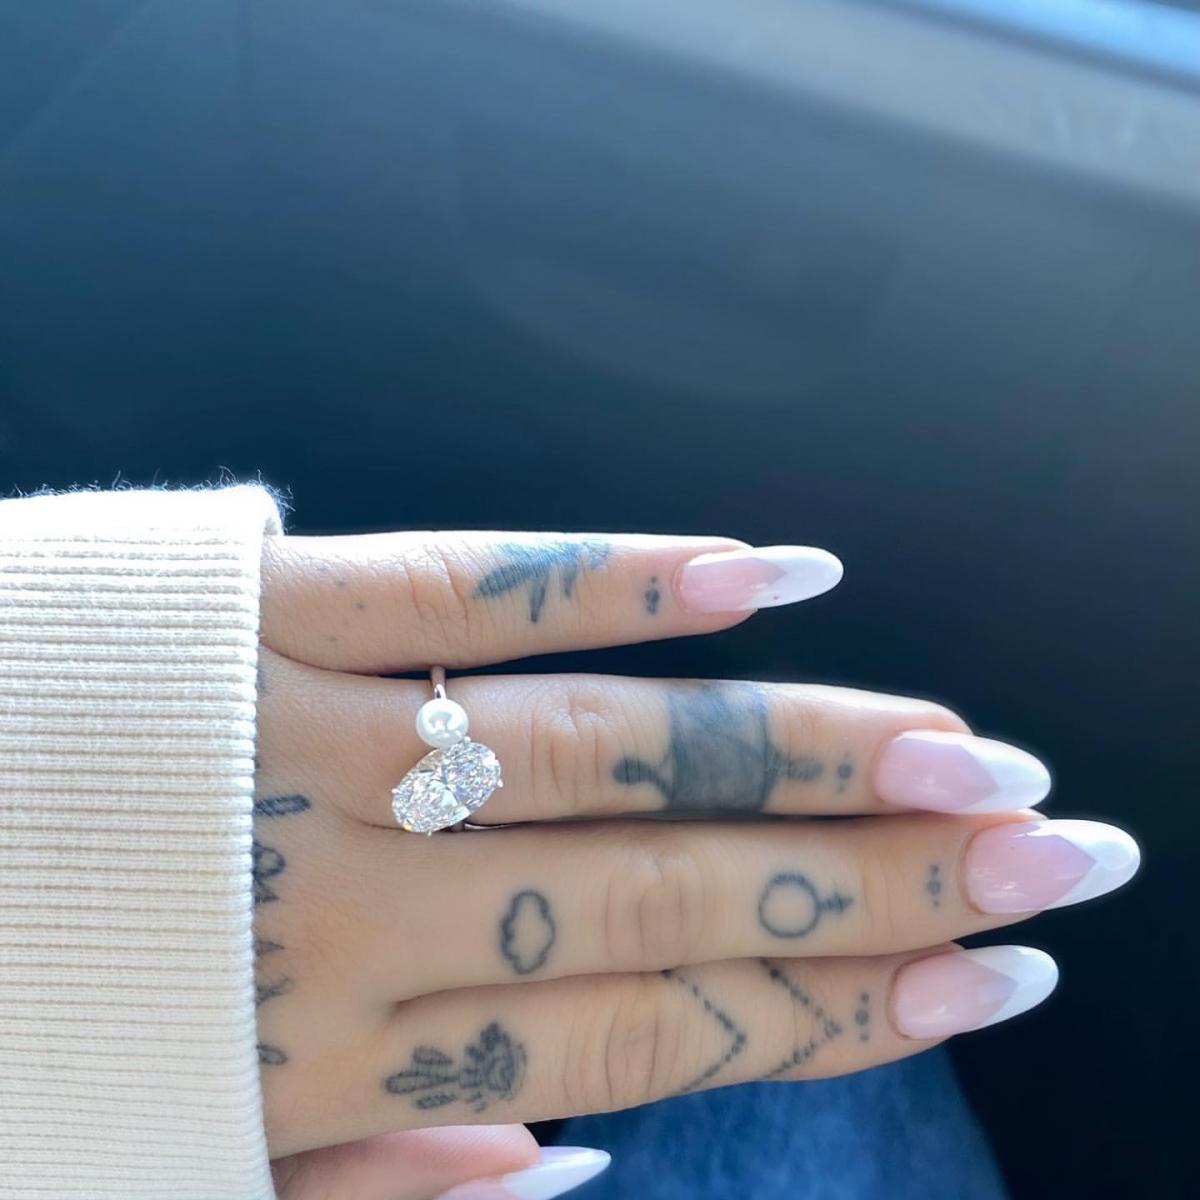 ダイヤモンドと真珠を組み合わせた婚約指輪も話題に!